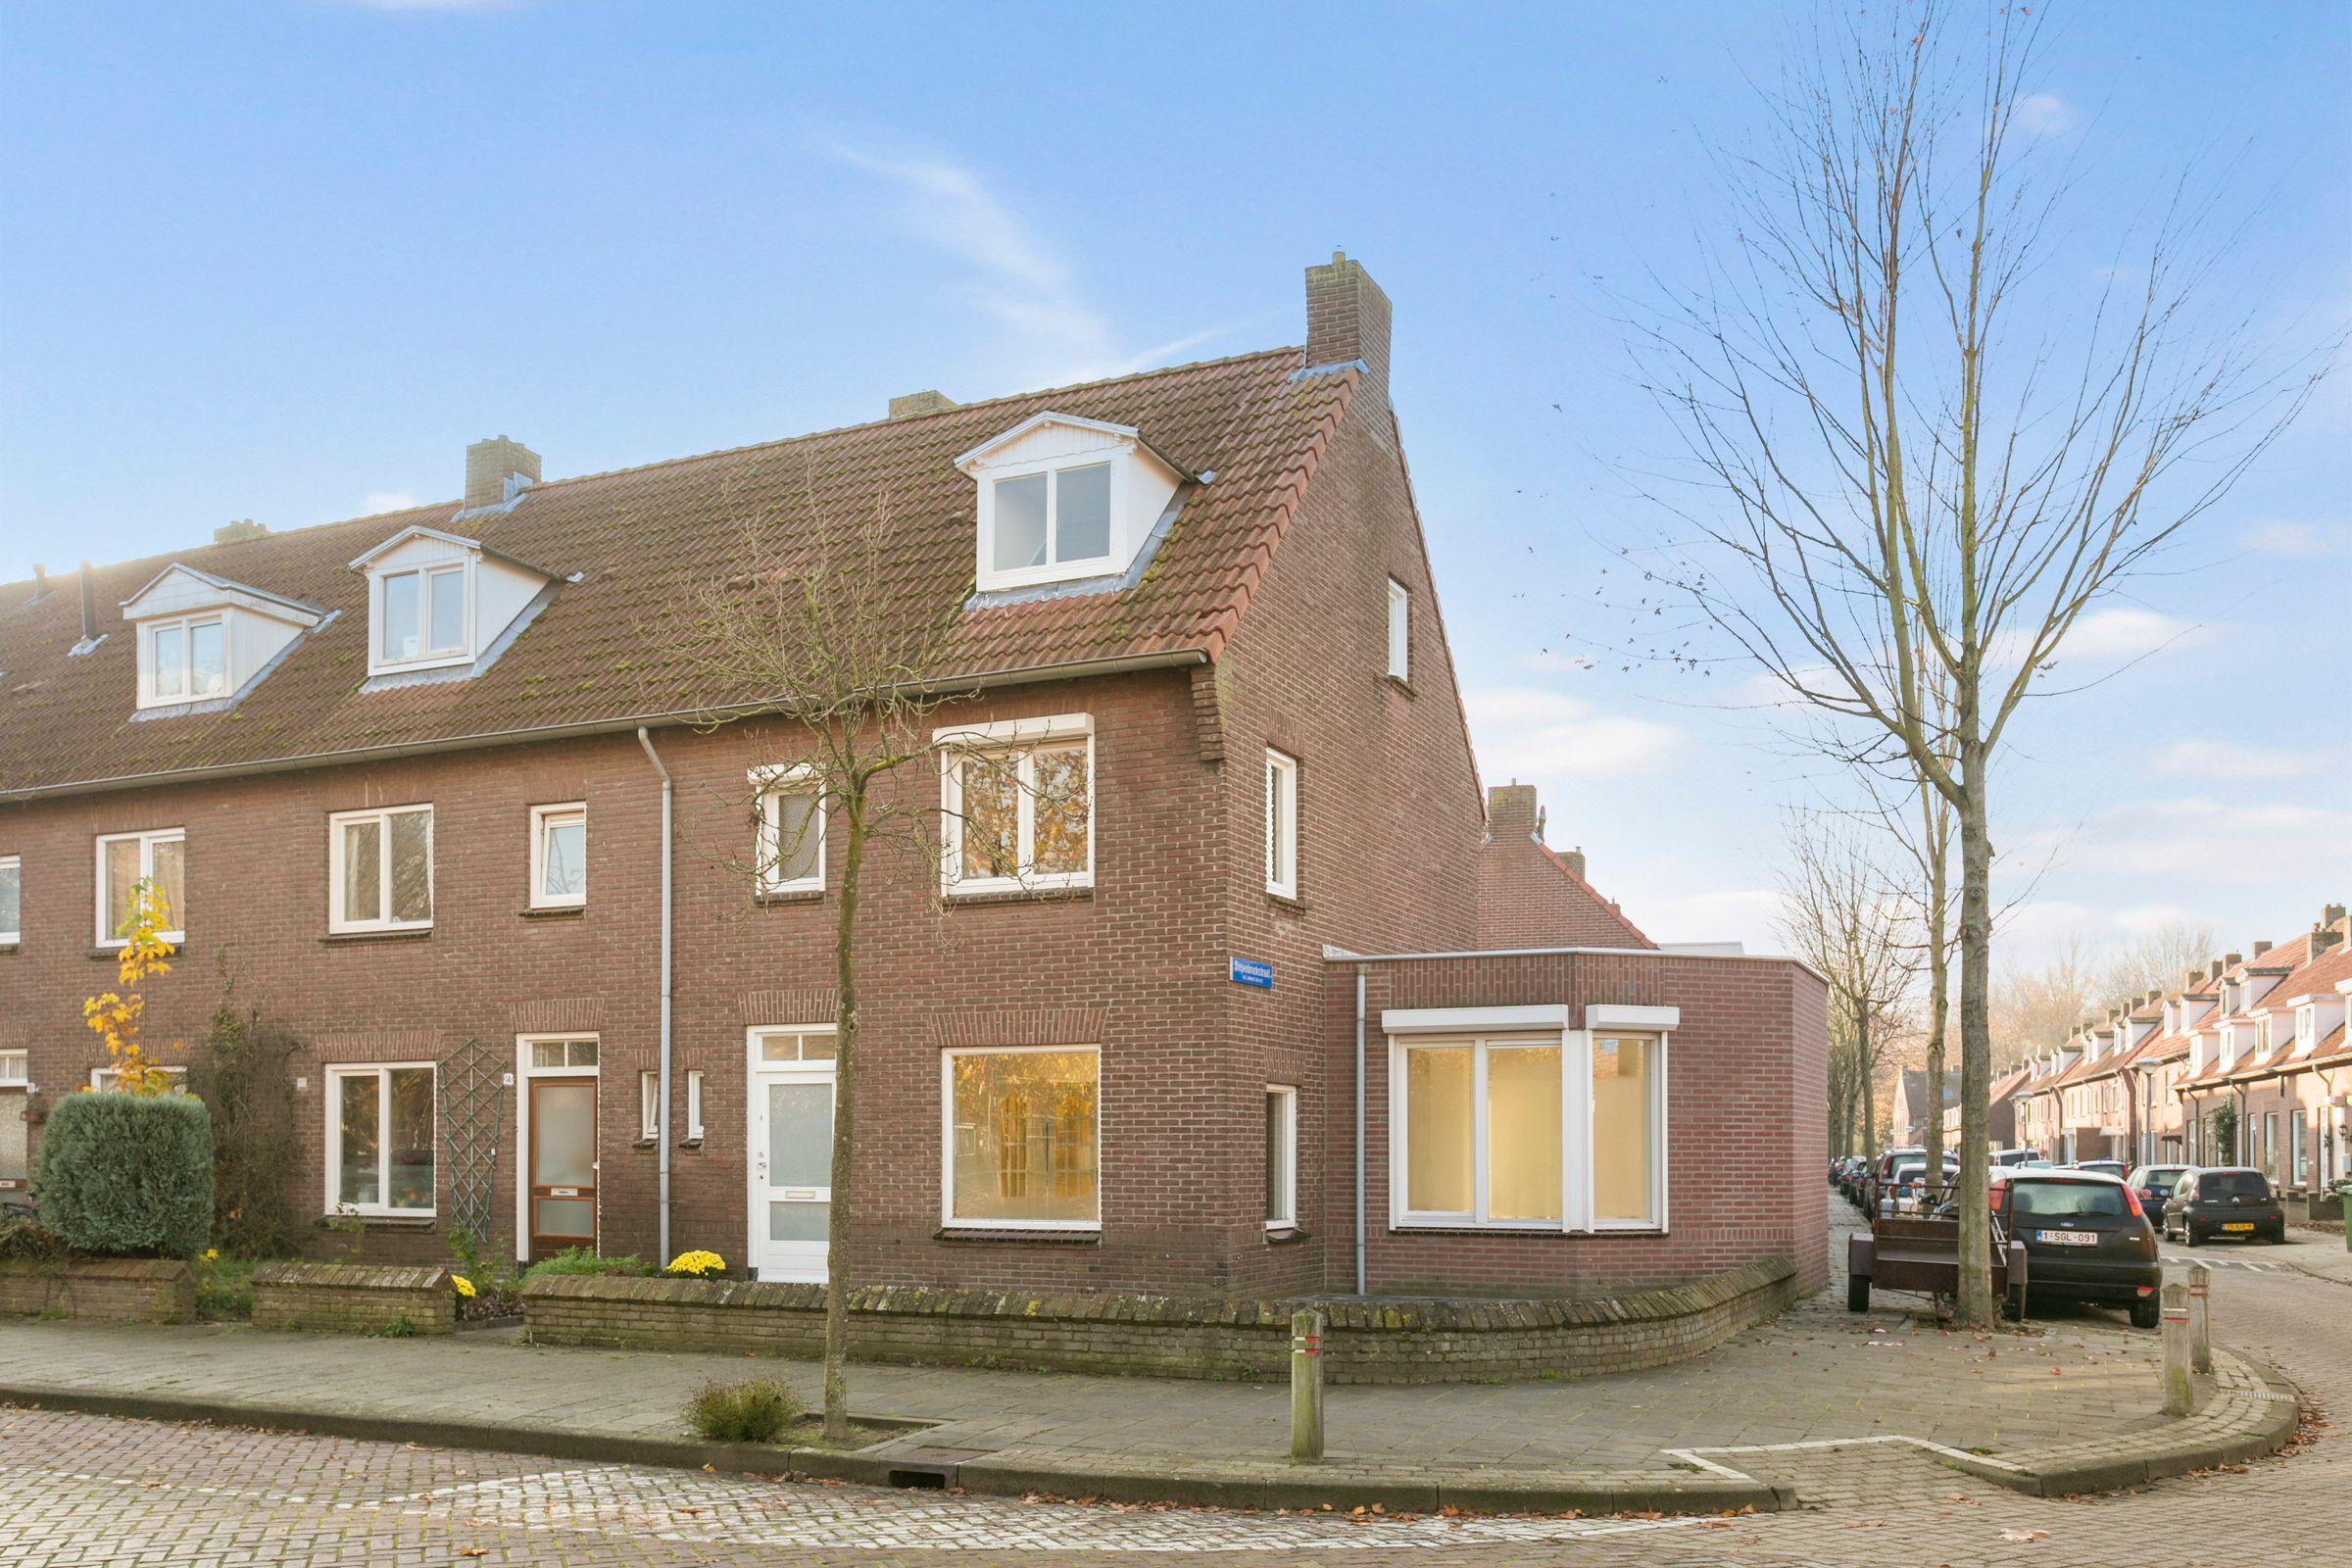 Verhulststraat 12, Eindhoven